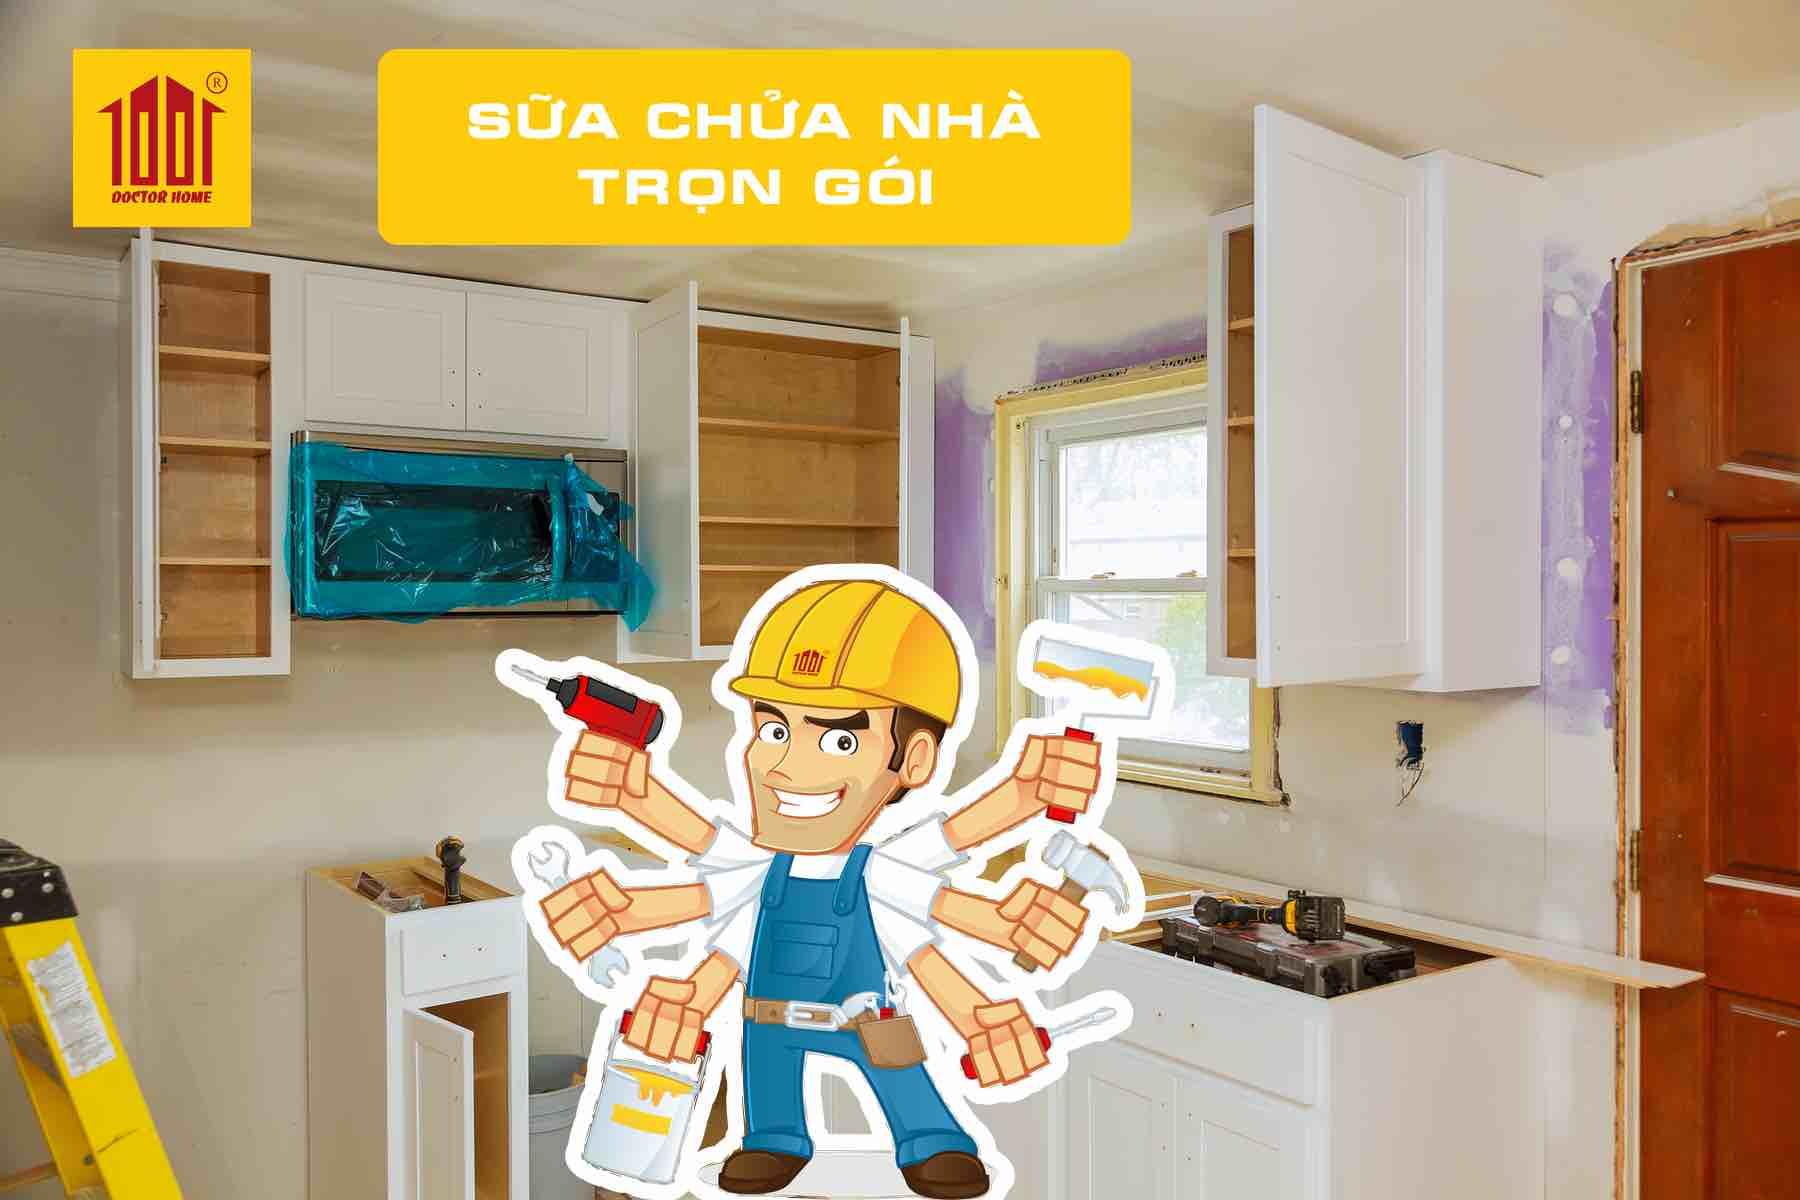 Sửa chữa nhà trọn gói giá rẻ tại TPHCM